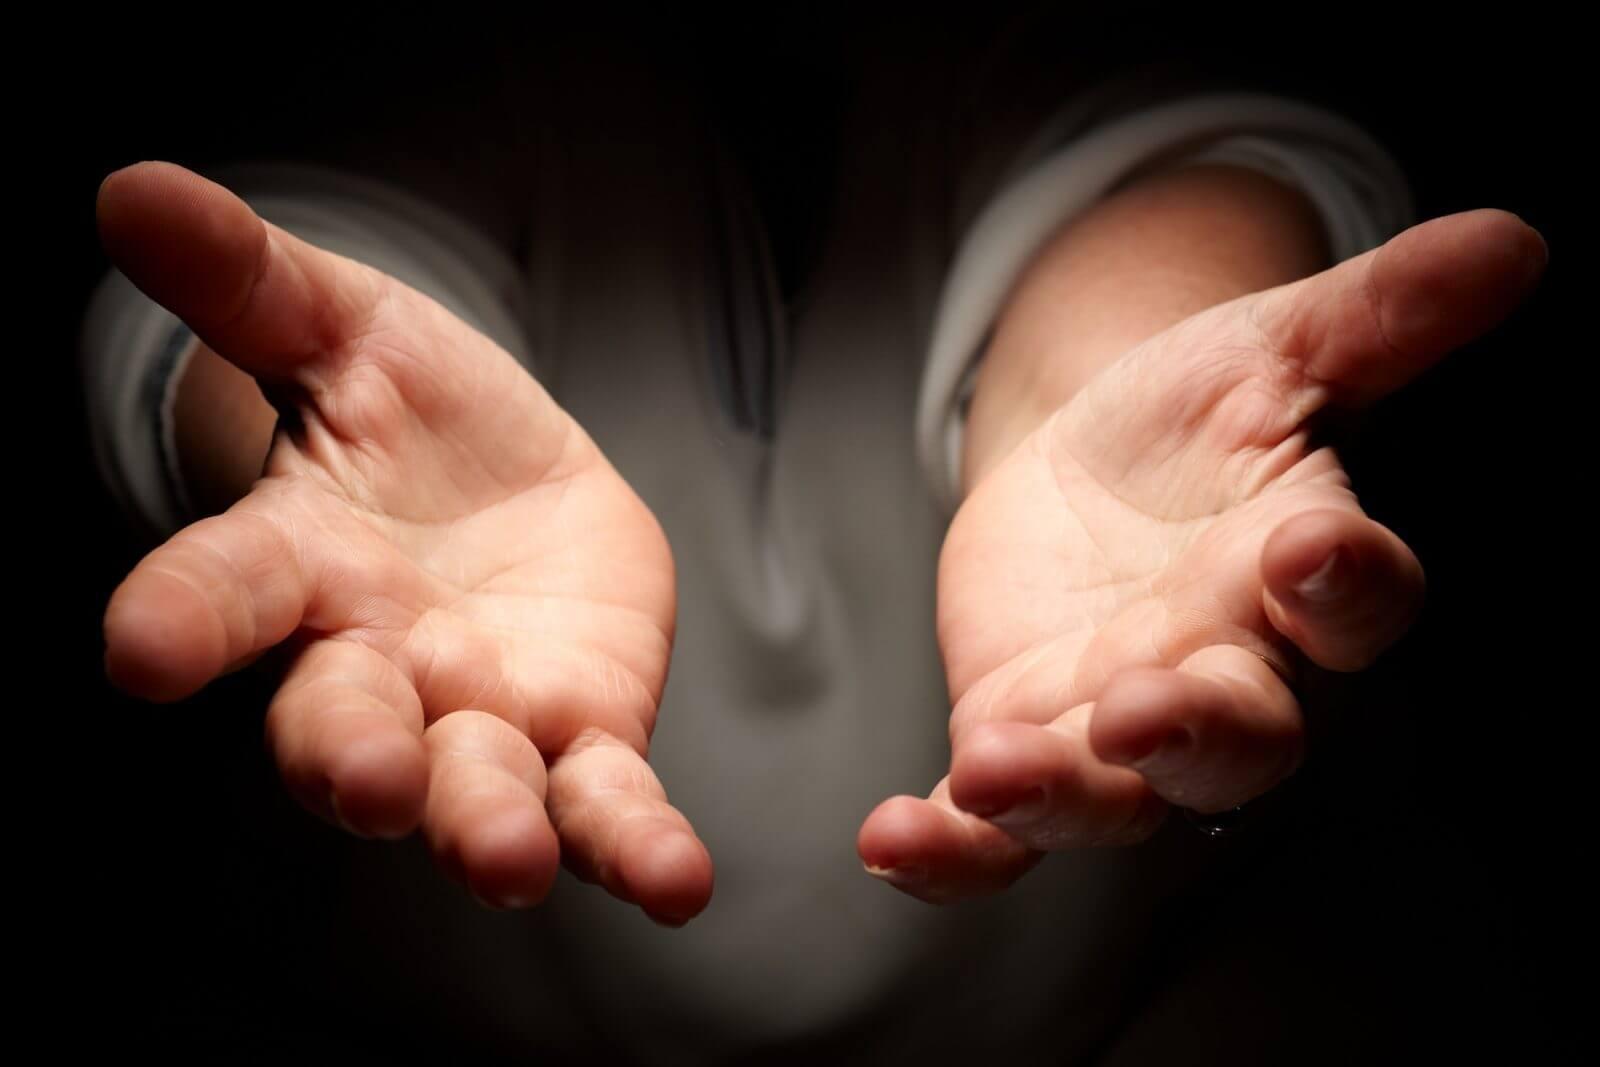 líneas y dedos de la mano